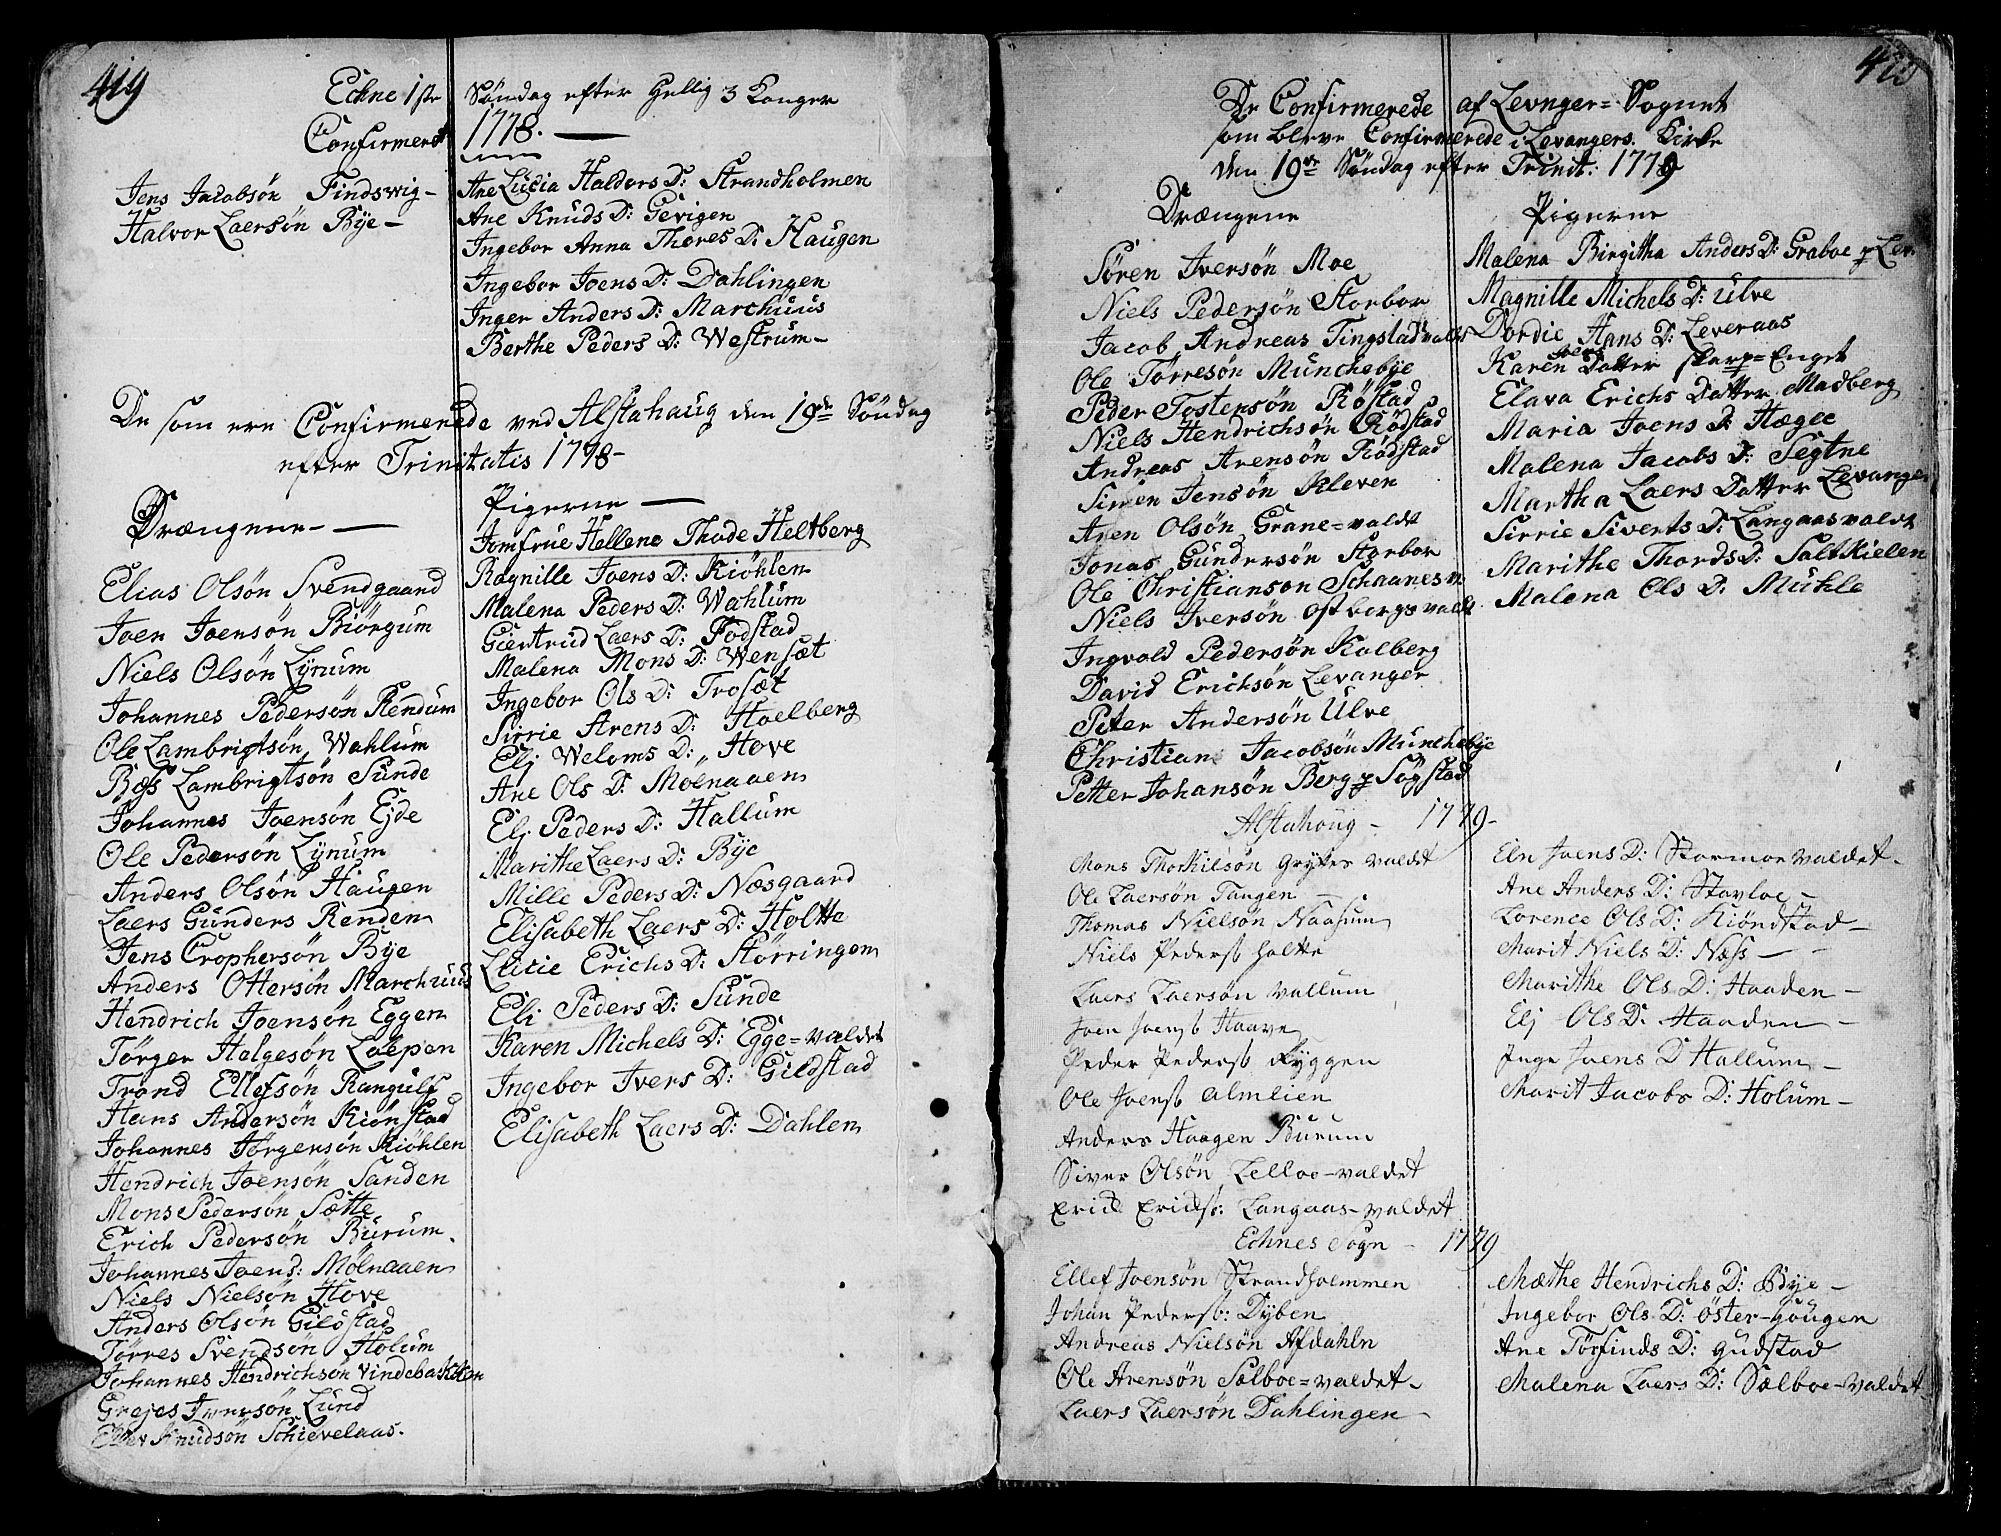 SAT, Ministerialprotokoller, klokkerbøker og fødselsregistre - Nord-Trøndelag, 717/L0141: Ministerialbok nr. 717A01, 1747-1803, s. 419-420